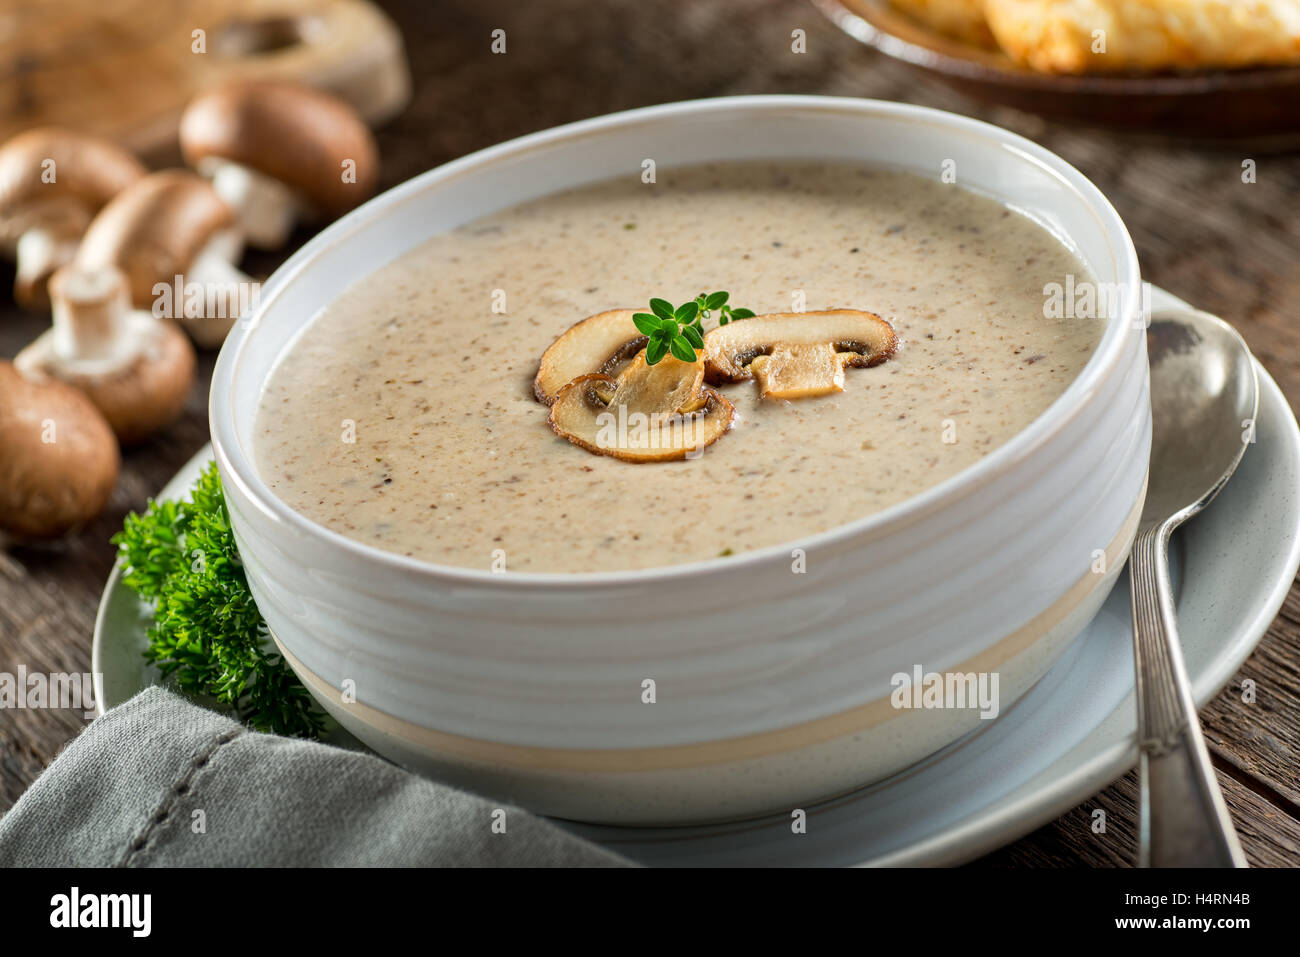 A Bowl Of Delicious Homemade Cream Of Mushroom Soup